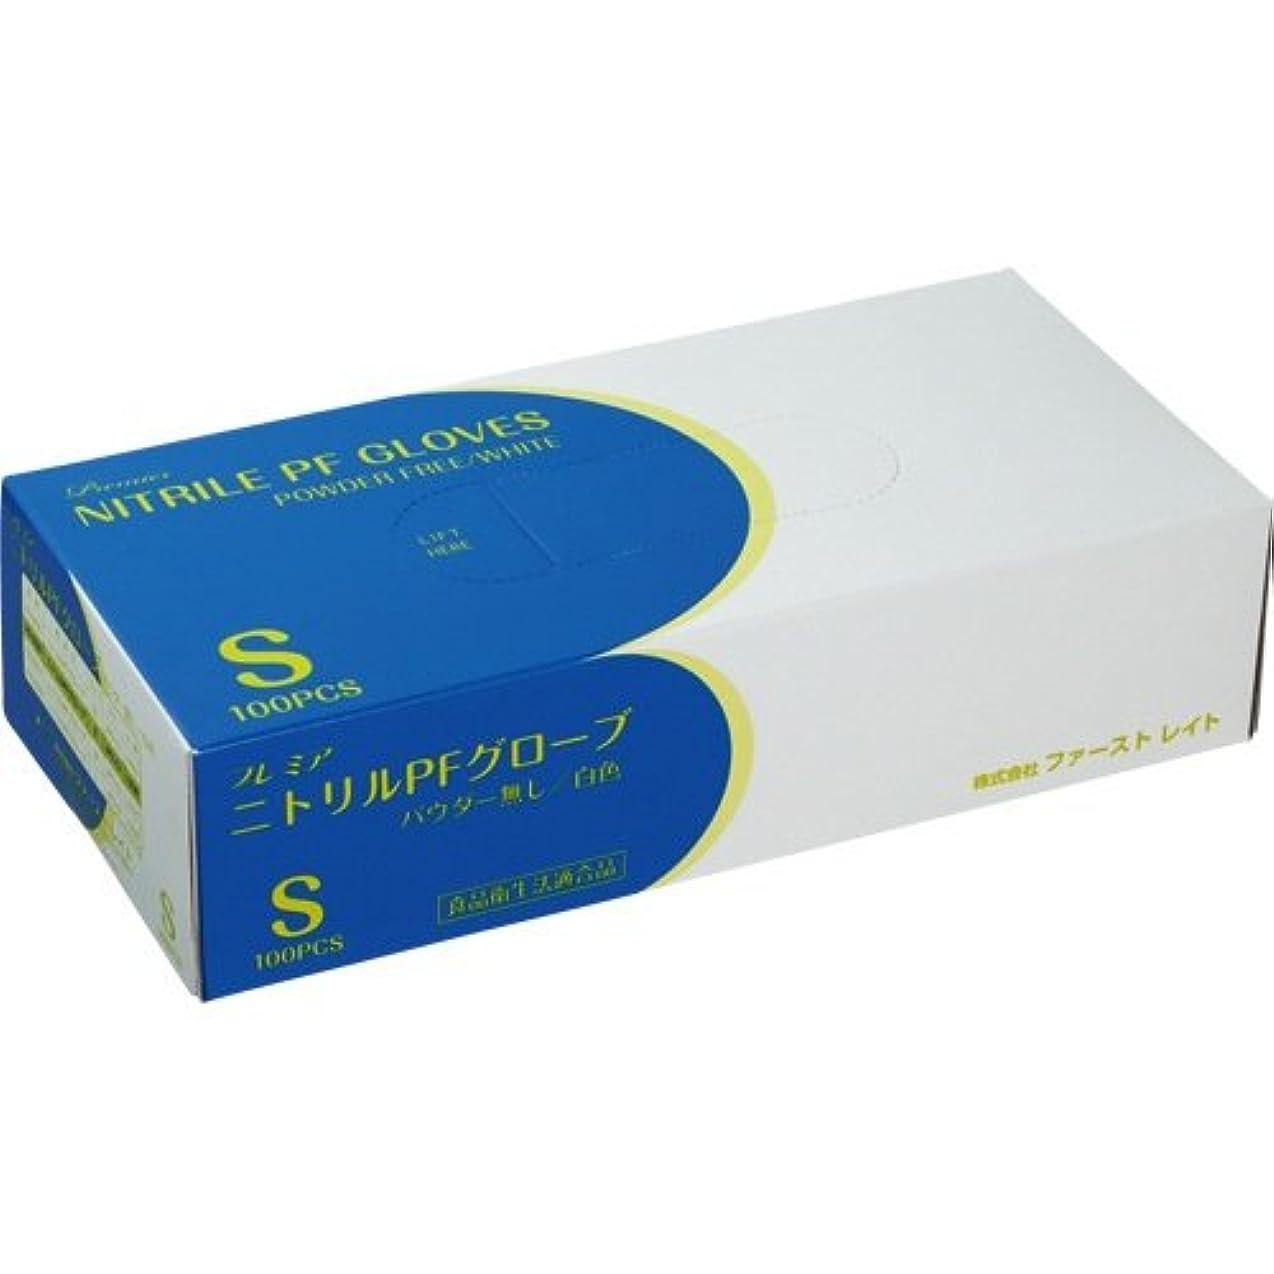 キャプチャーチャンピオン沼地ファーストレイト プレミアニトリルPFグローブ パウダーフリー ホワイト S FR-856 1セット(1000枚:100枚×10箱)